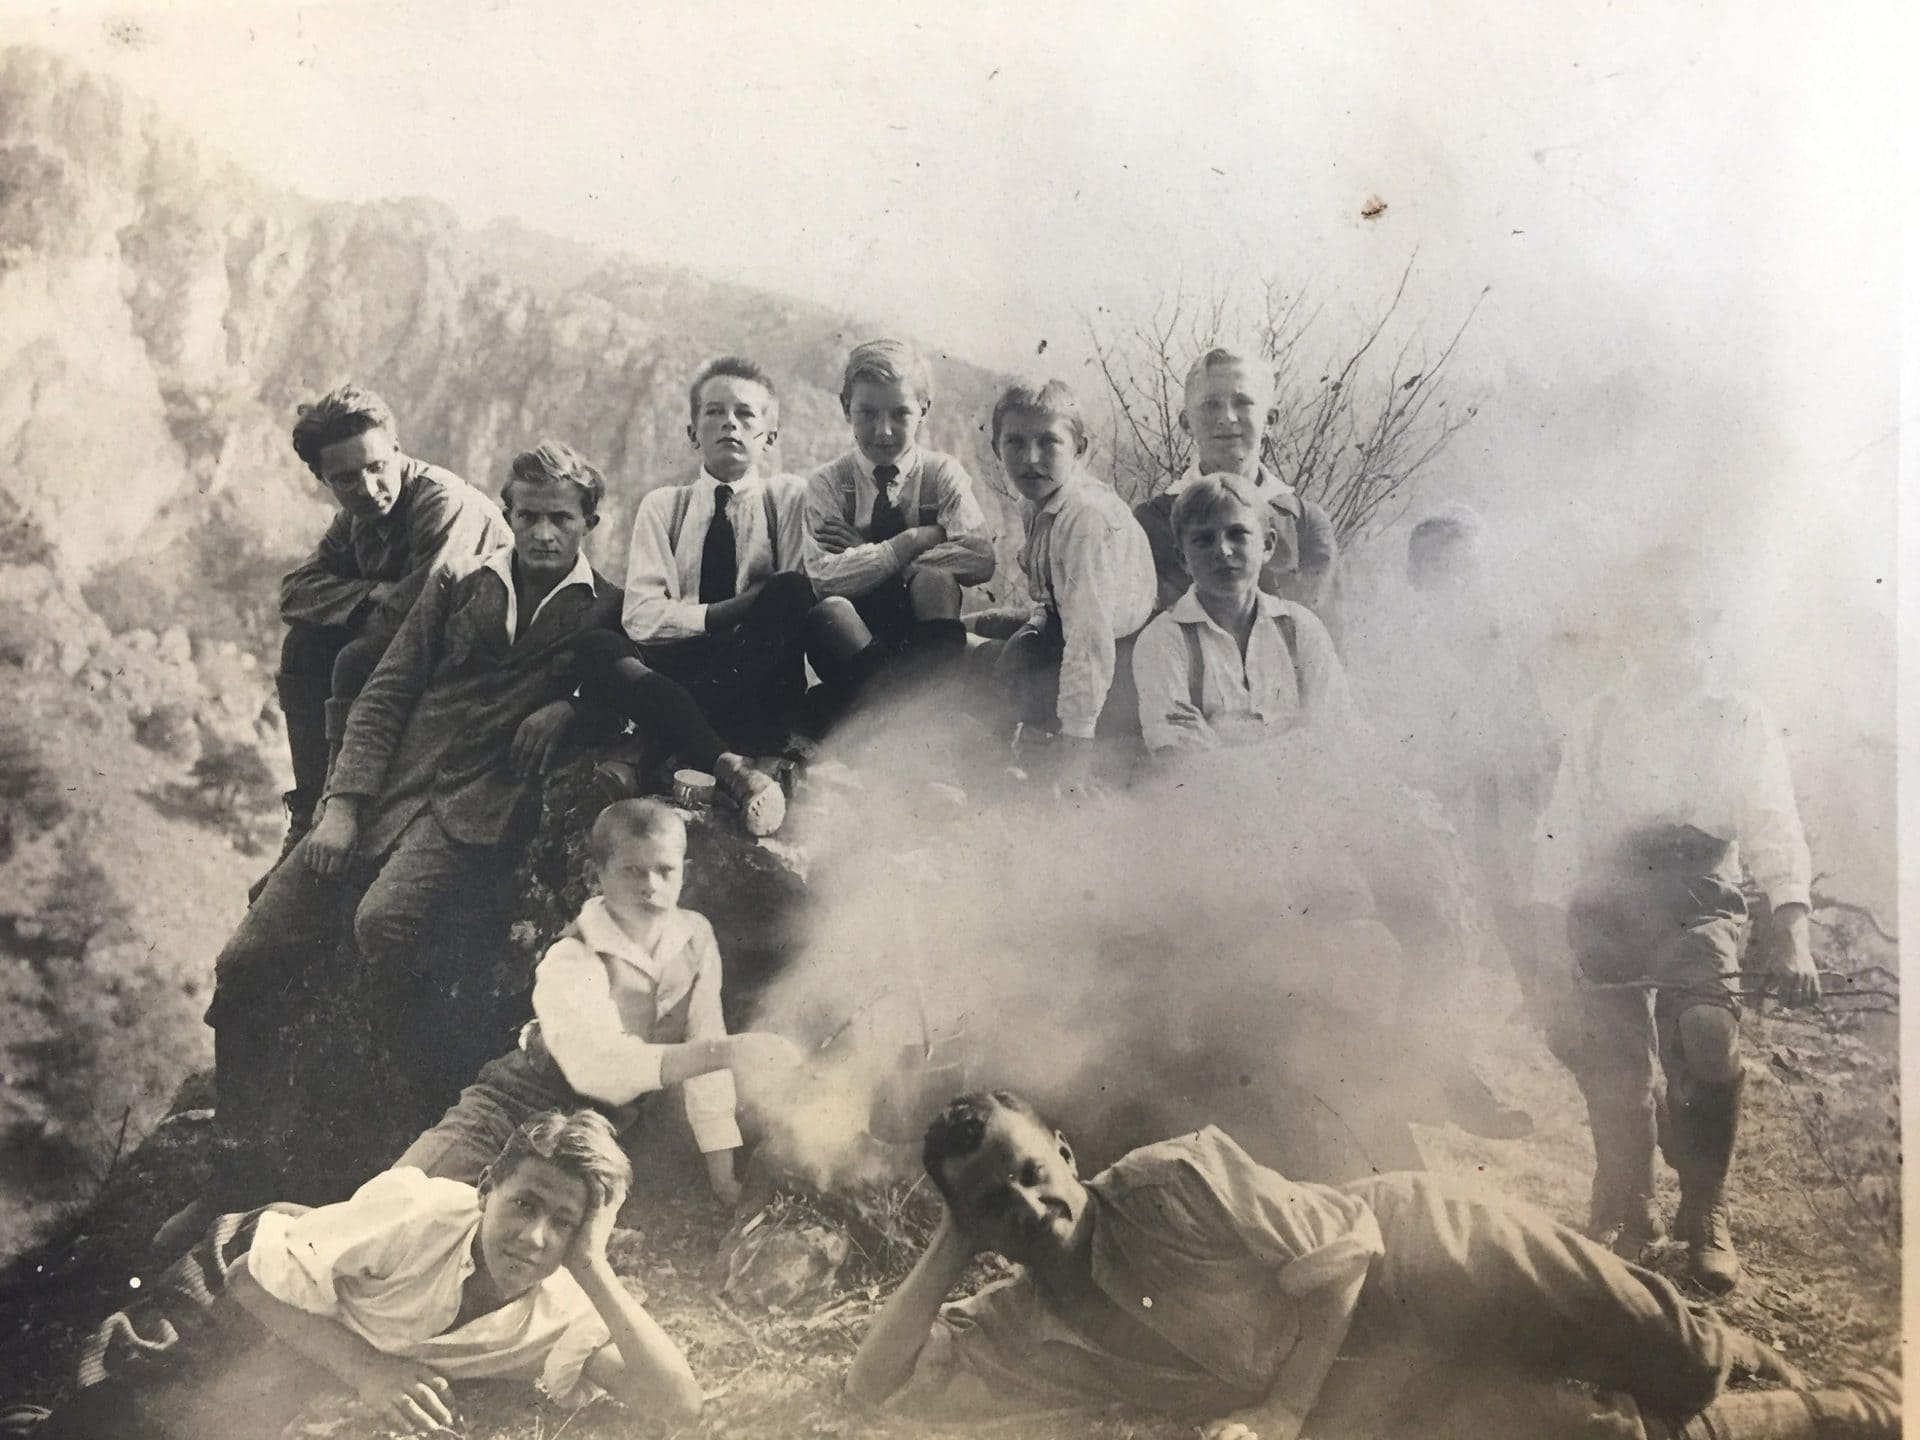 100 Jahre Regensburger Alpenverein-Jugend Jubiläumsfeier im DAV Kletterzentrum in Lappersdorf